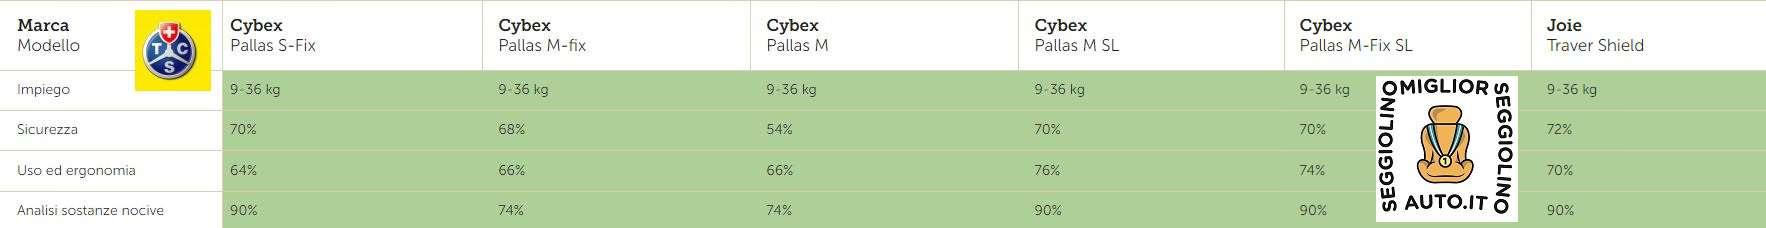 Tabella comparativa seggiolini cybex tcs